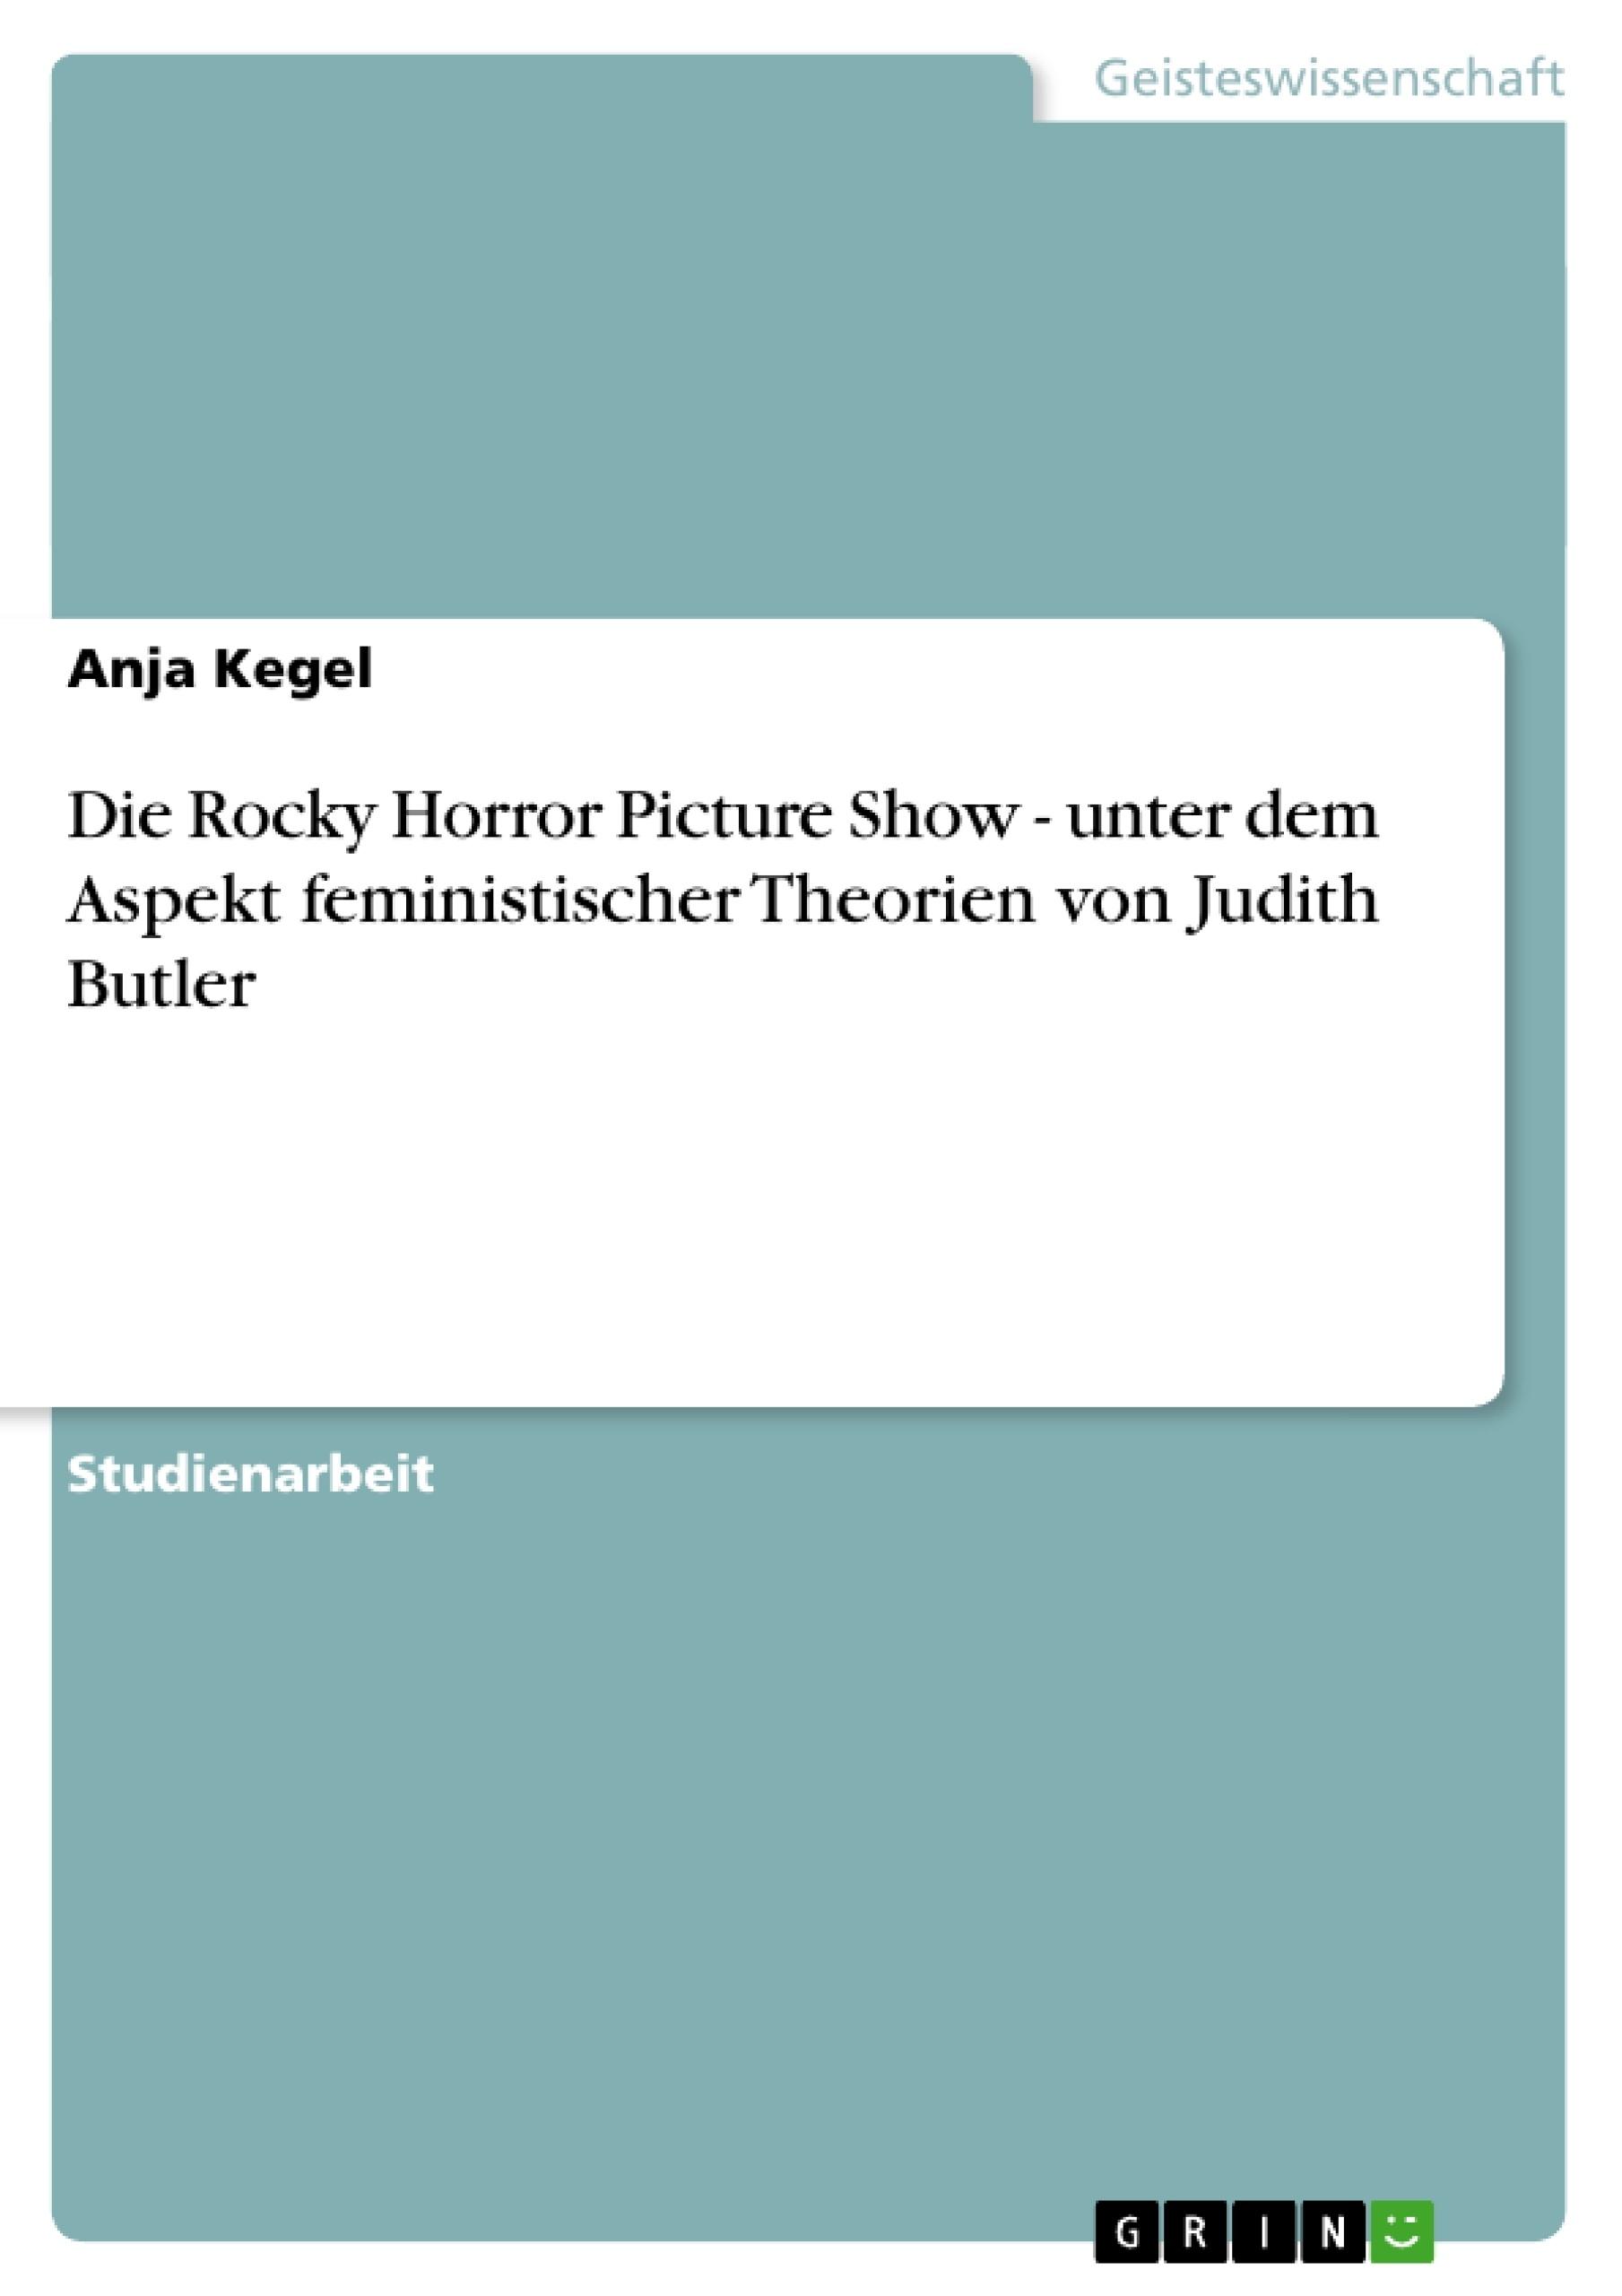 Titel: Die Rocky Horror Picture Show - unter dem Aspekt feministischer Theorien von Judith Butler